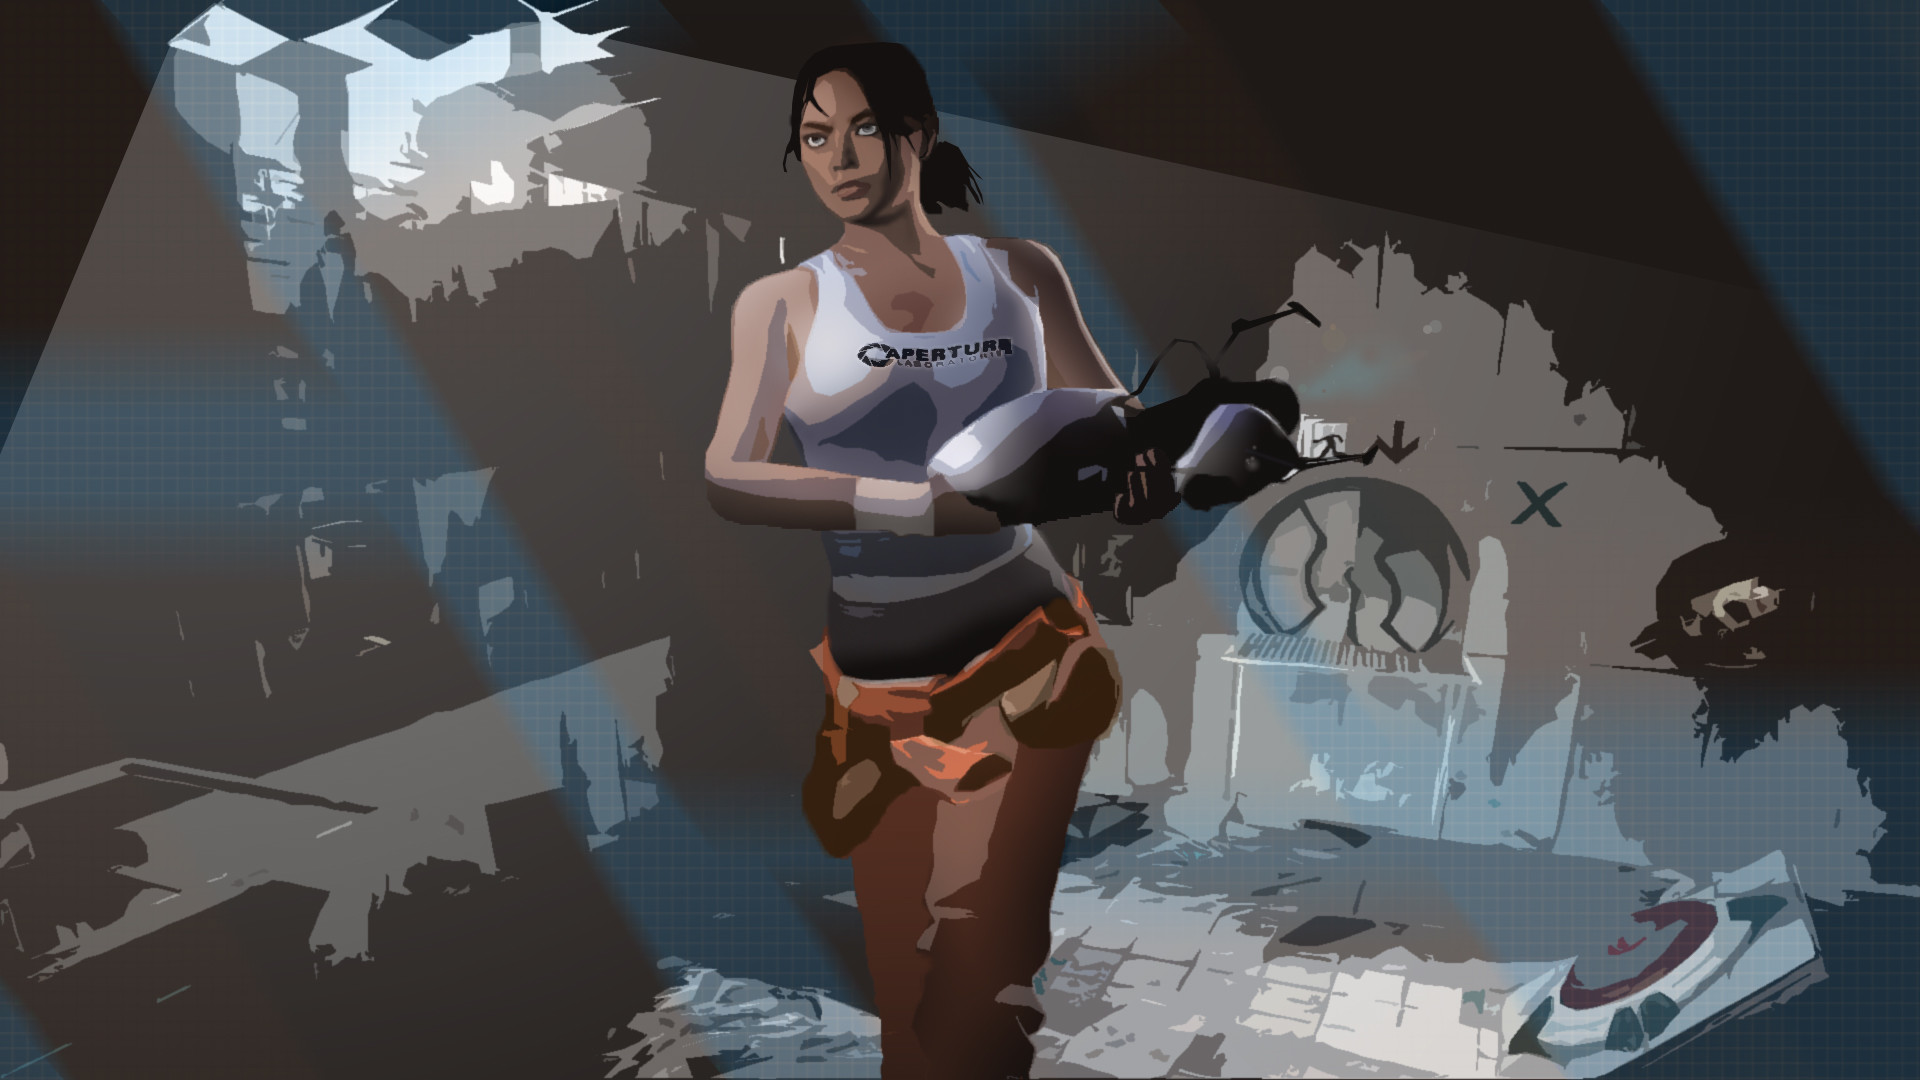 … Portal 2 Wallpaper -3 by jonnysonny